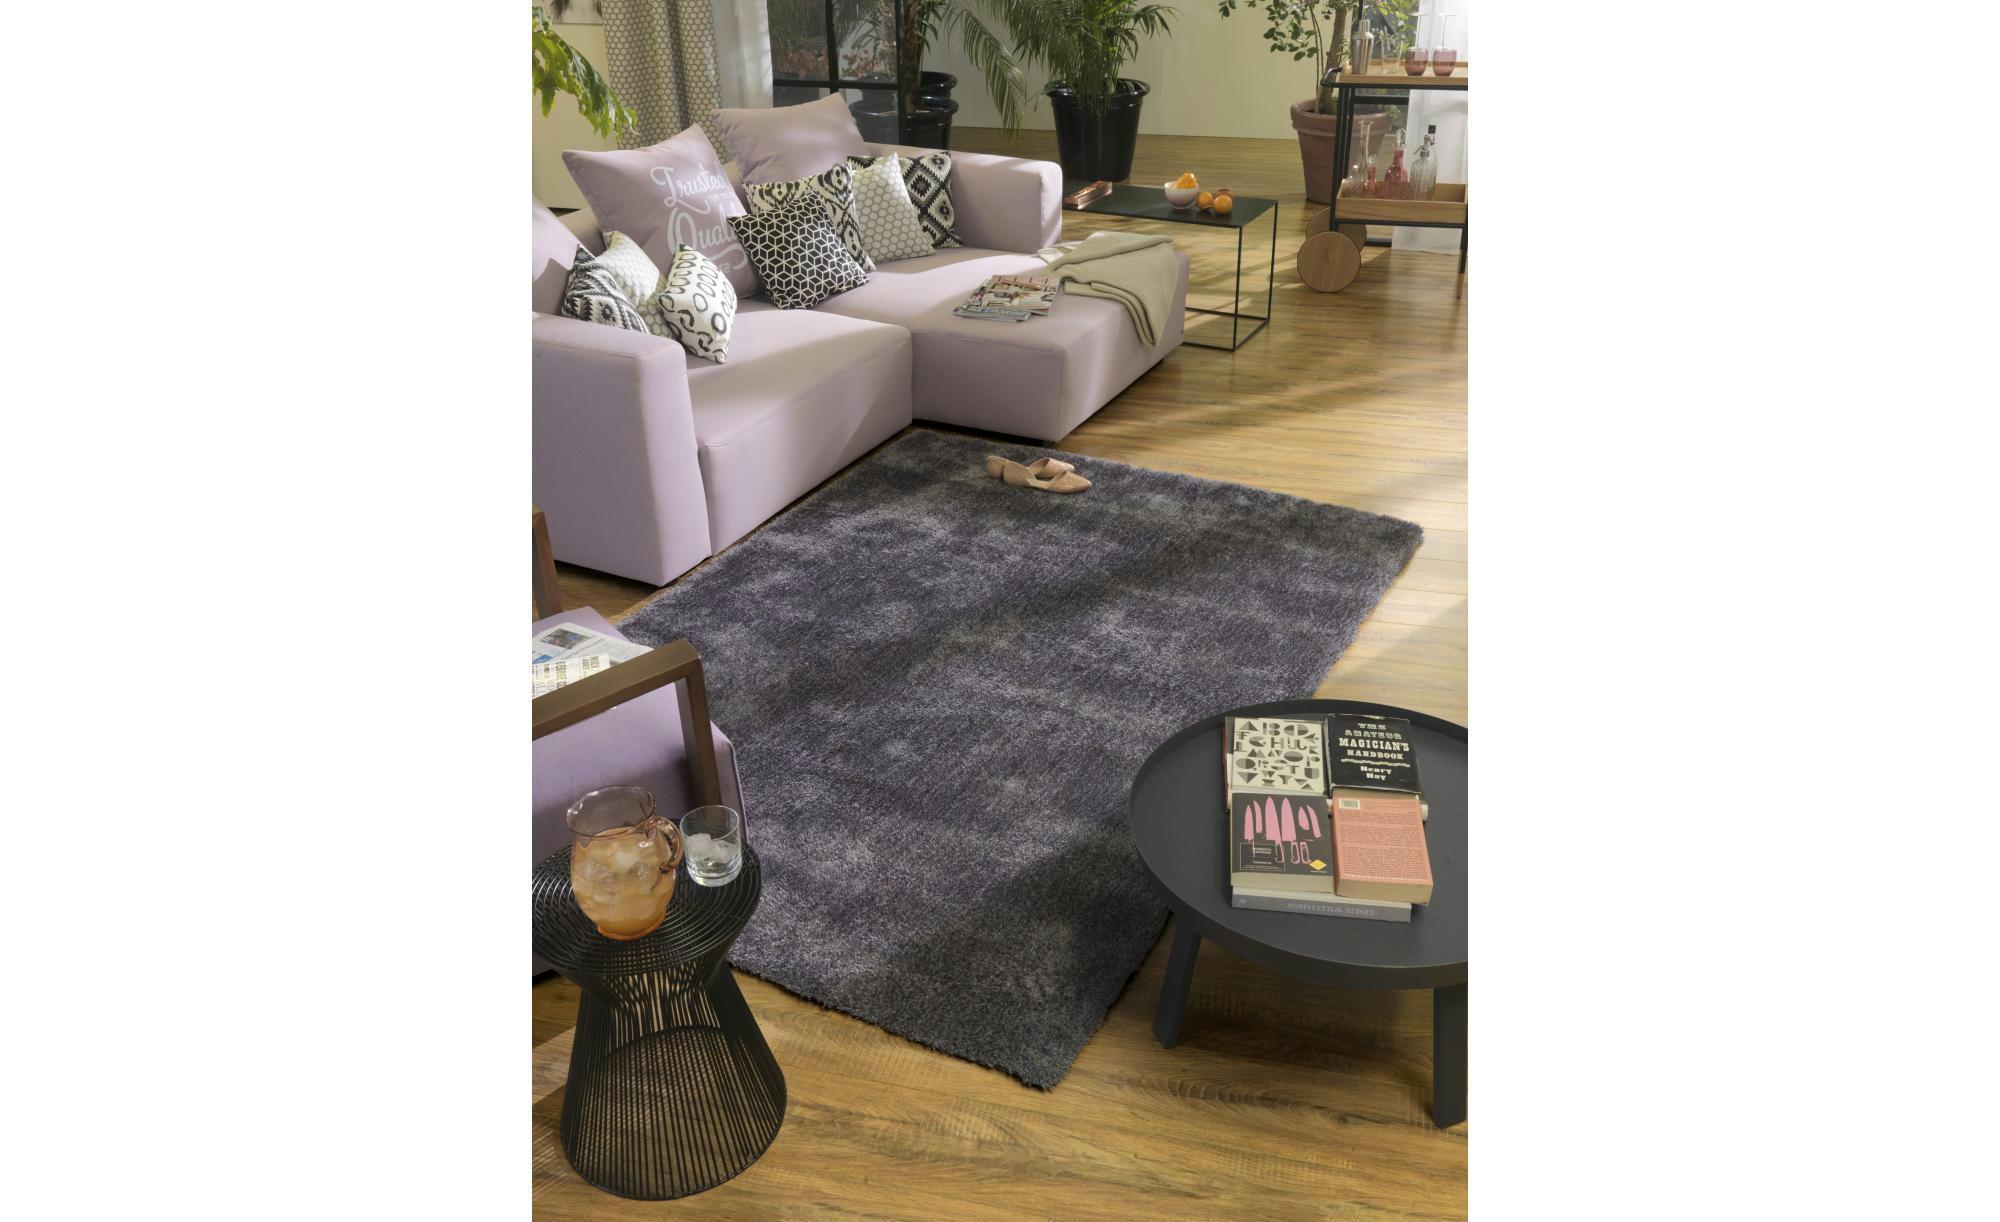 Tom Tailor Handtuft-Teppich  Soft uni ¦ schwarz ¦ 100 % Polypropylen, Synthethische Fasern ¦ Maße (cm): B: 85 Teppiche > Wohnteppiche > Hochflorteppiche - Höffner